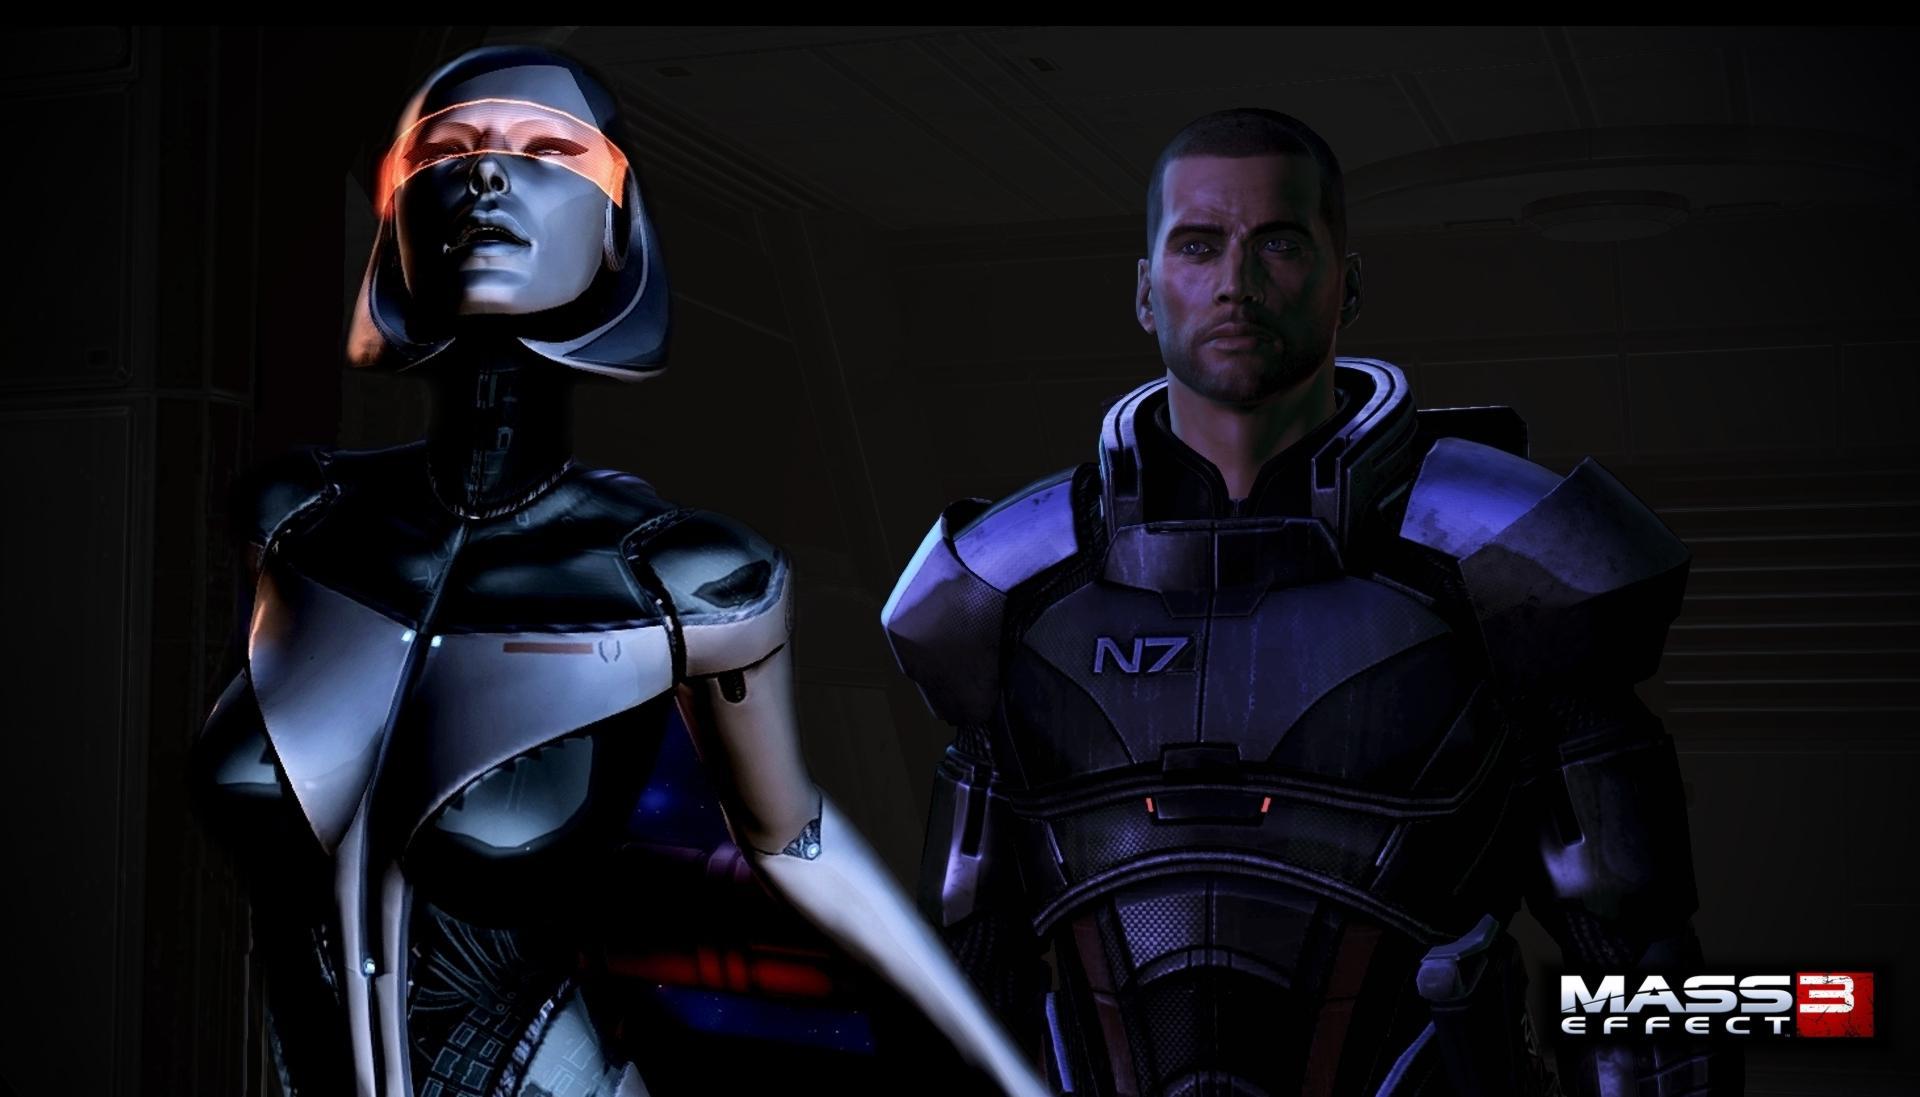 Sexy EDI Wallpaper from Mass Effect 3